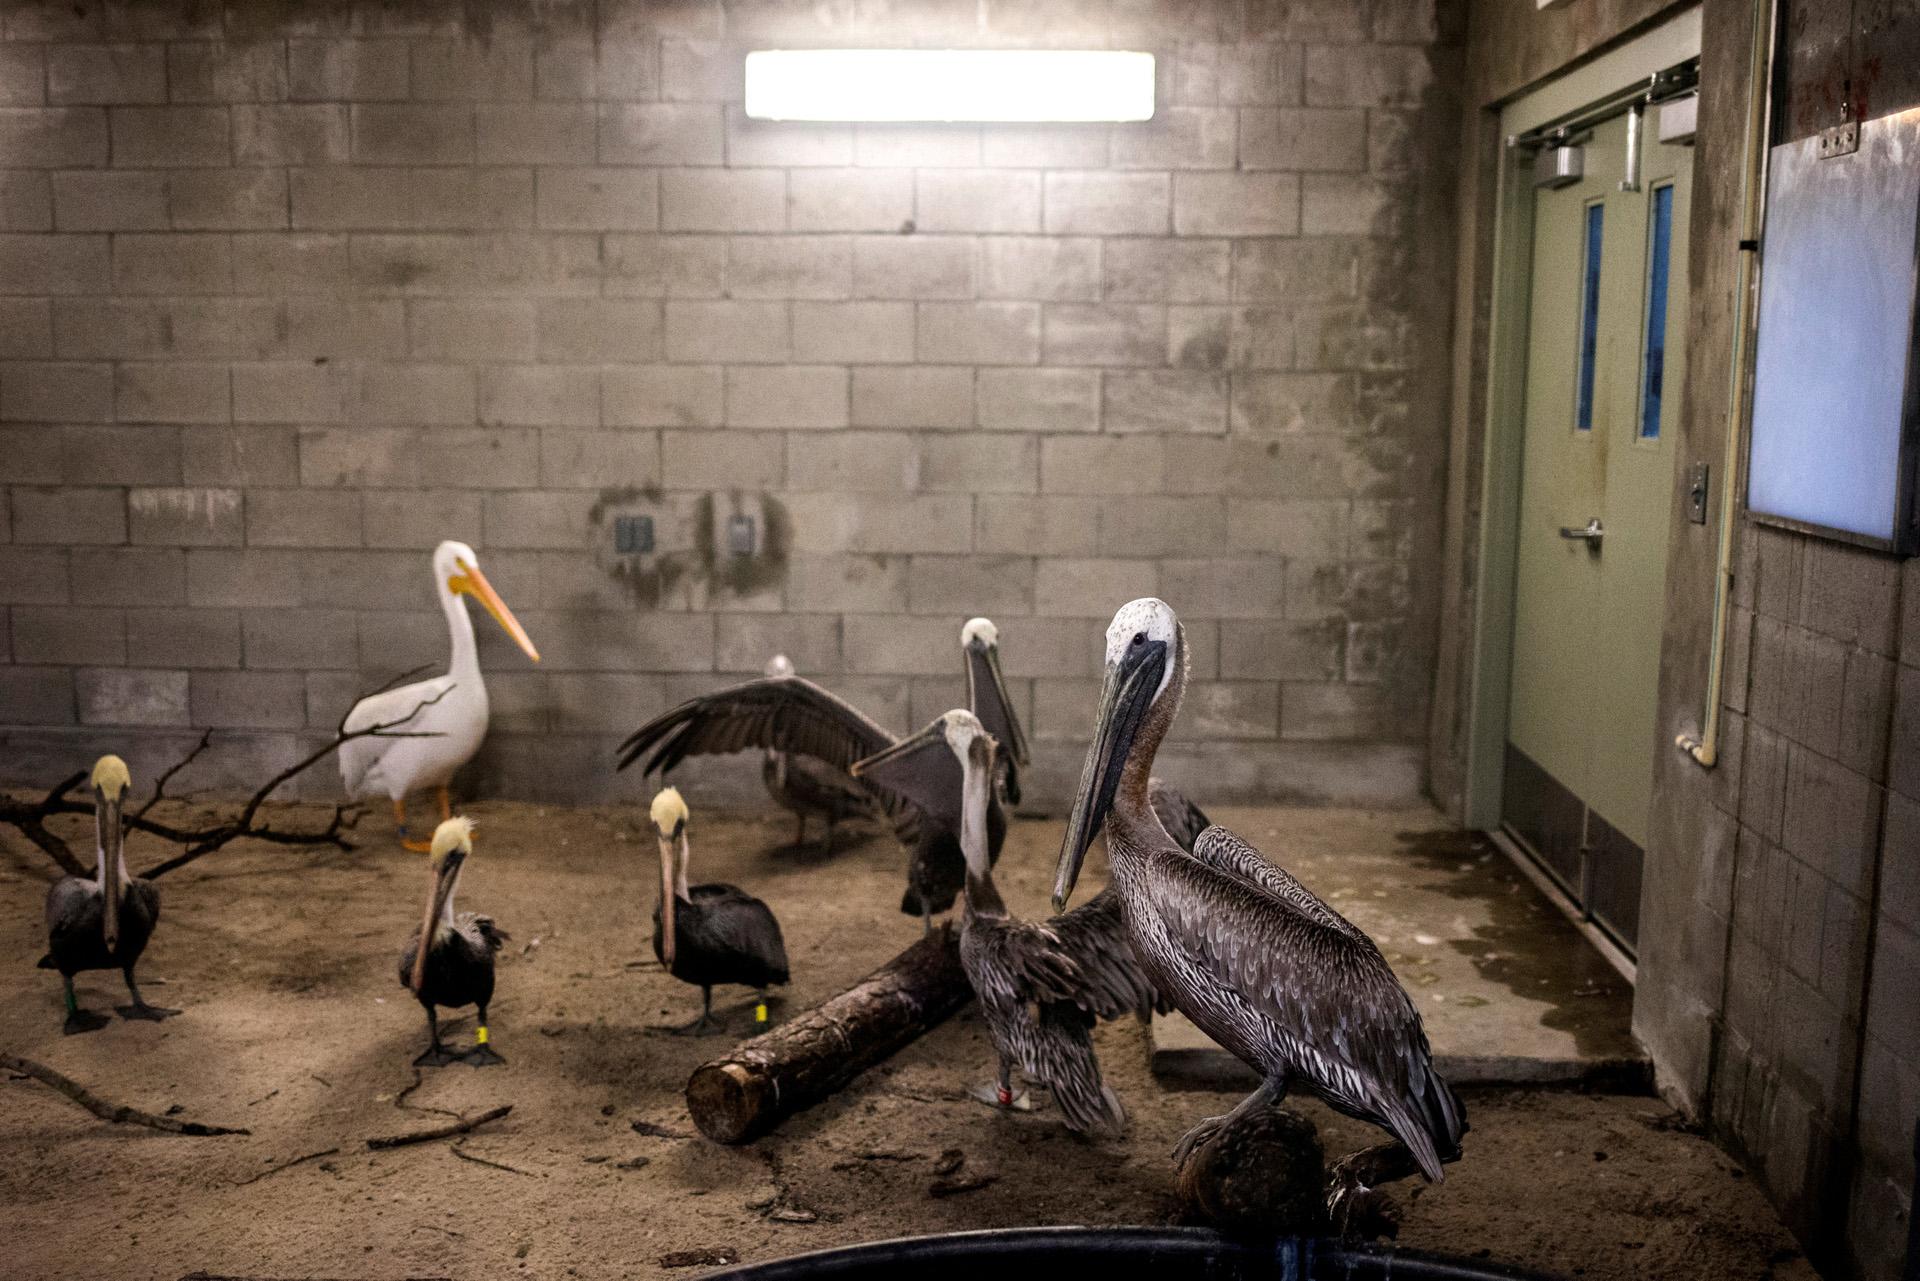 Pelícanos marrones y un pelicano blanco estadounidense se refugian en un albergue antes de la caída del huracán Irma en el zoológico de Miami, Florida. (Reuters)